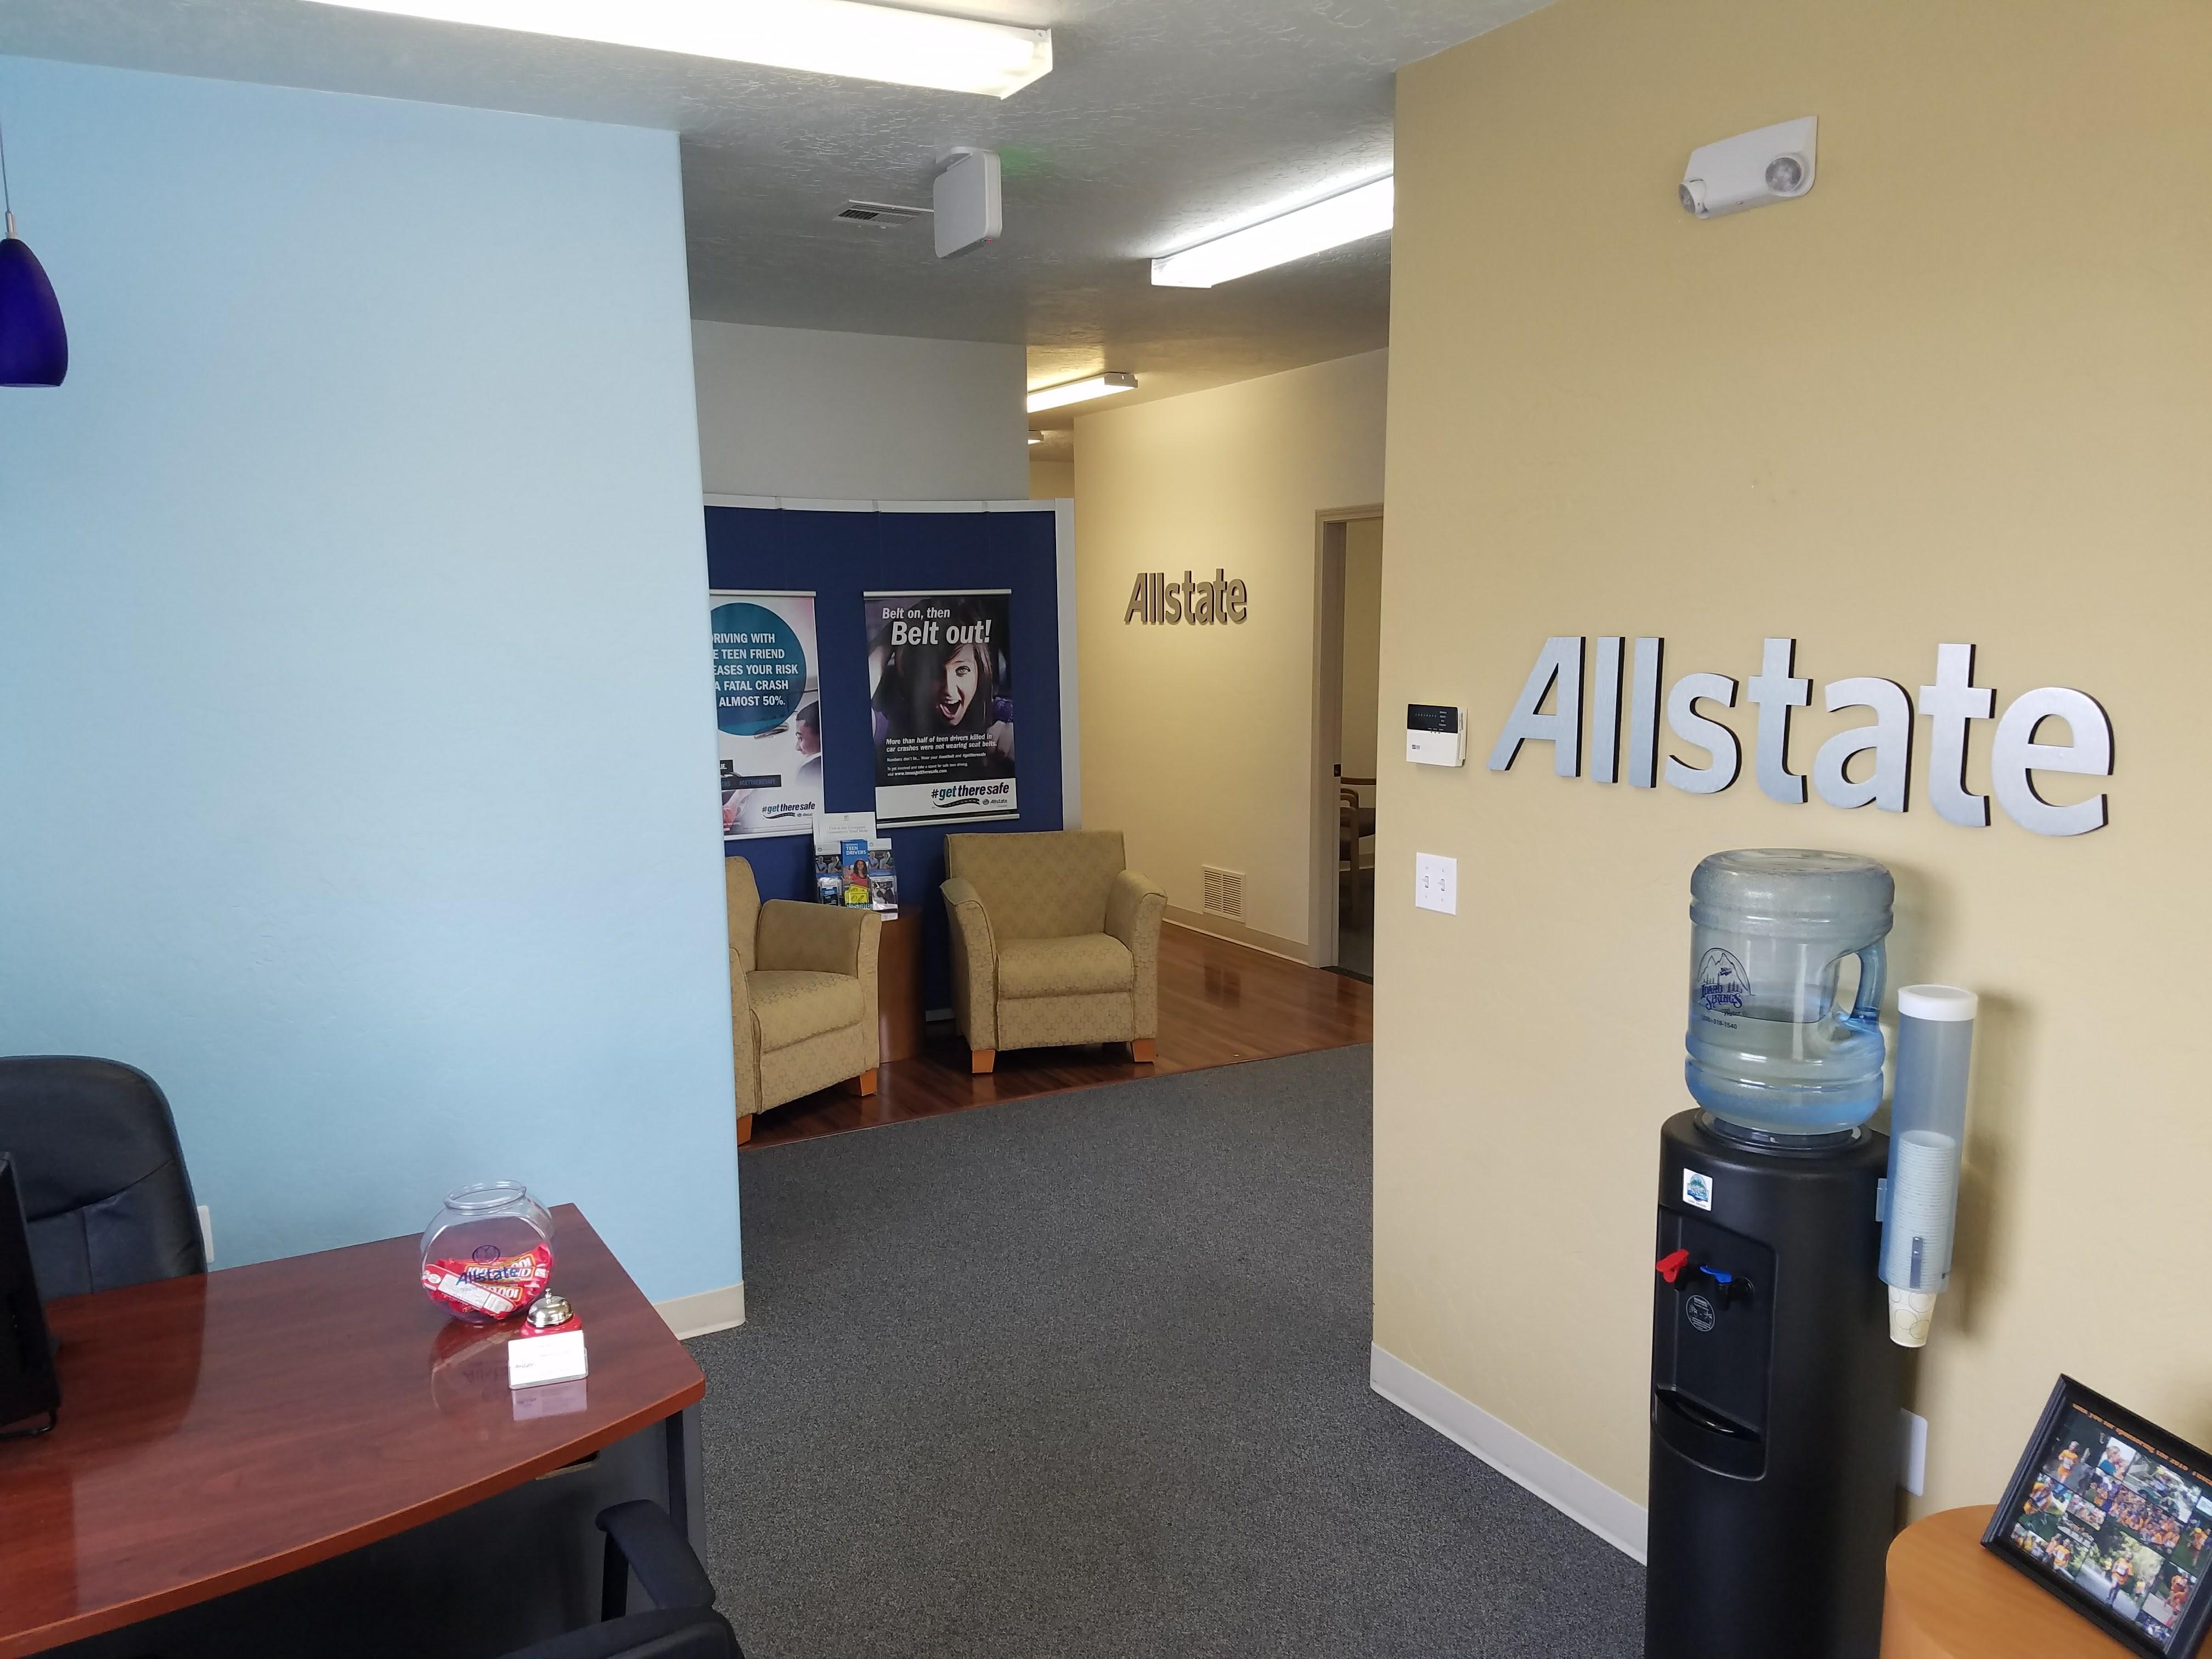 Benjamin Curtis: Allstate Insurance image 1